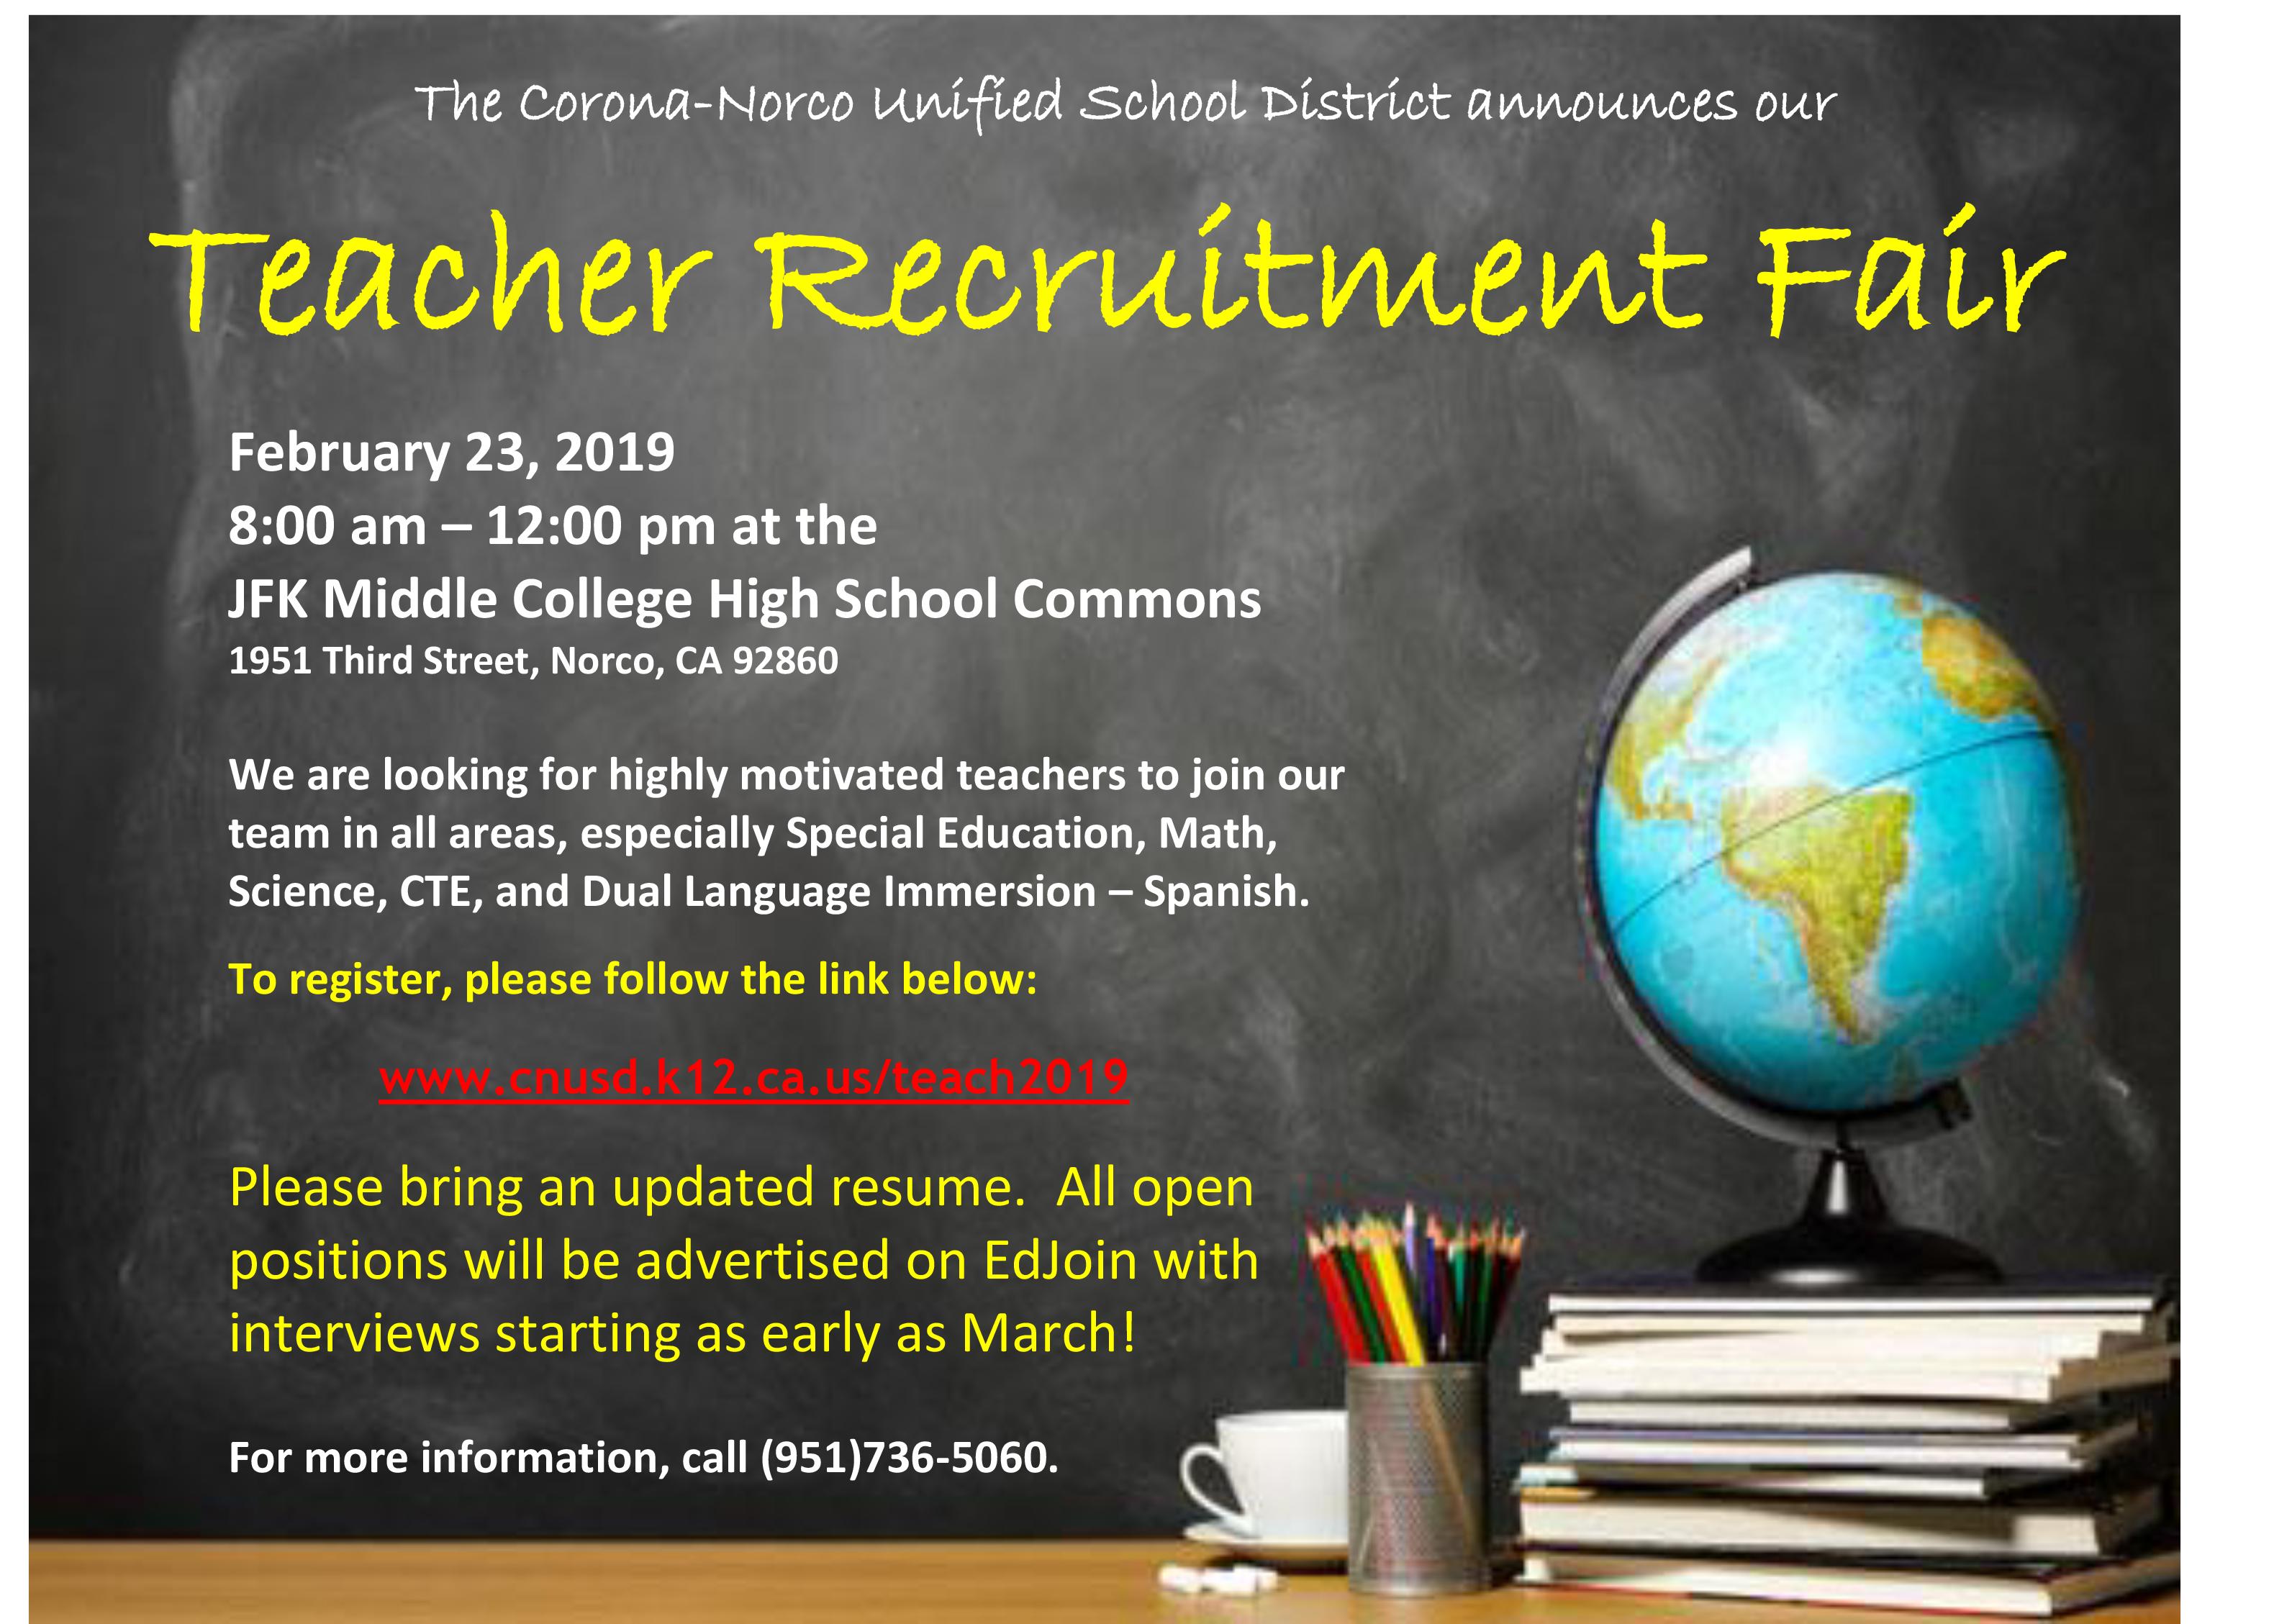 2019 Teacher Recruitment Fair